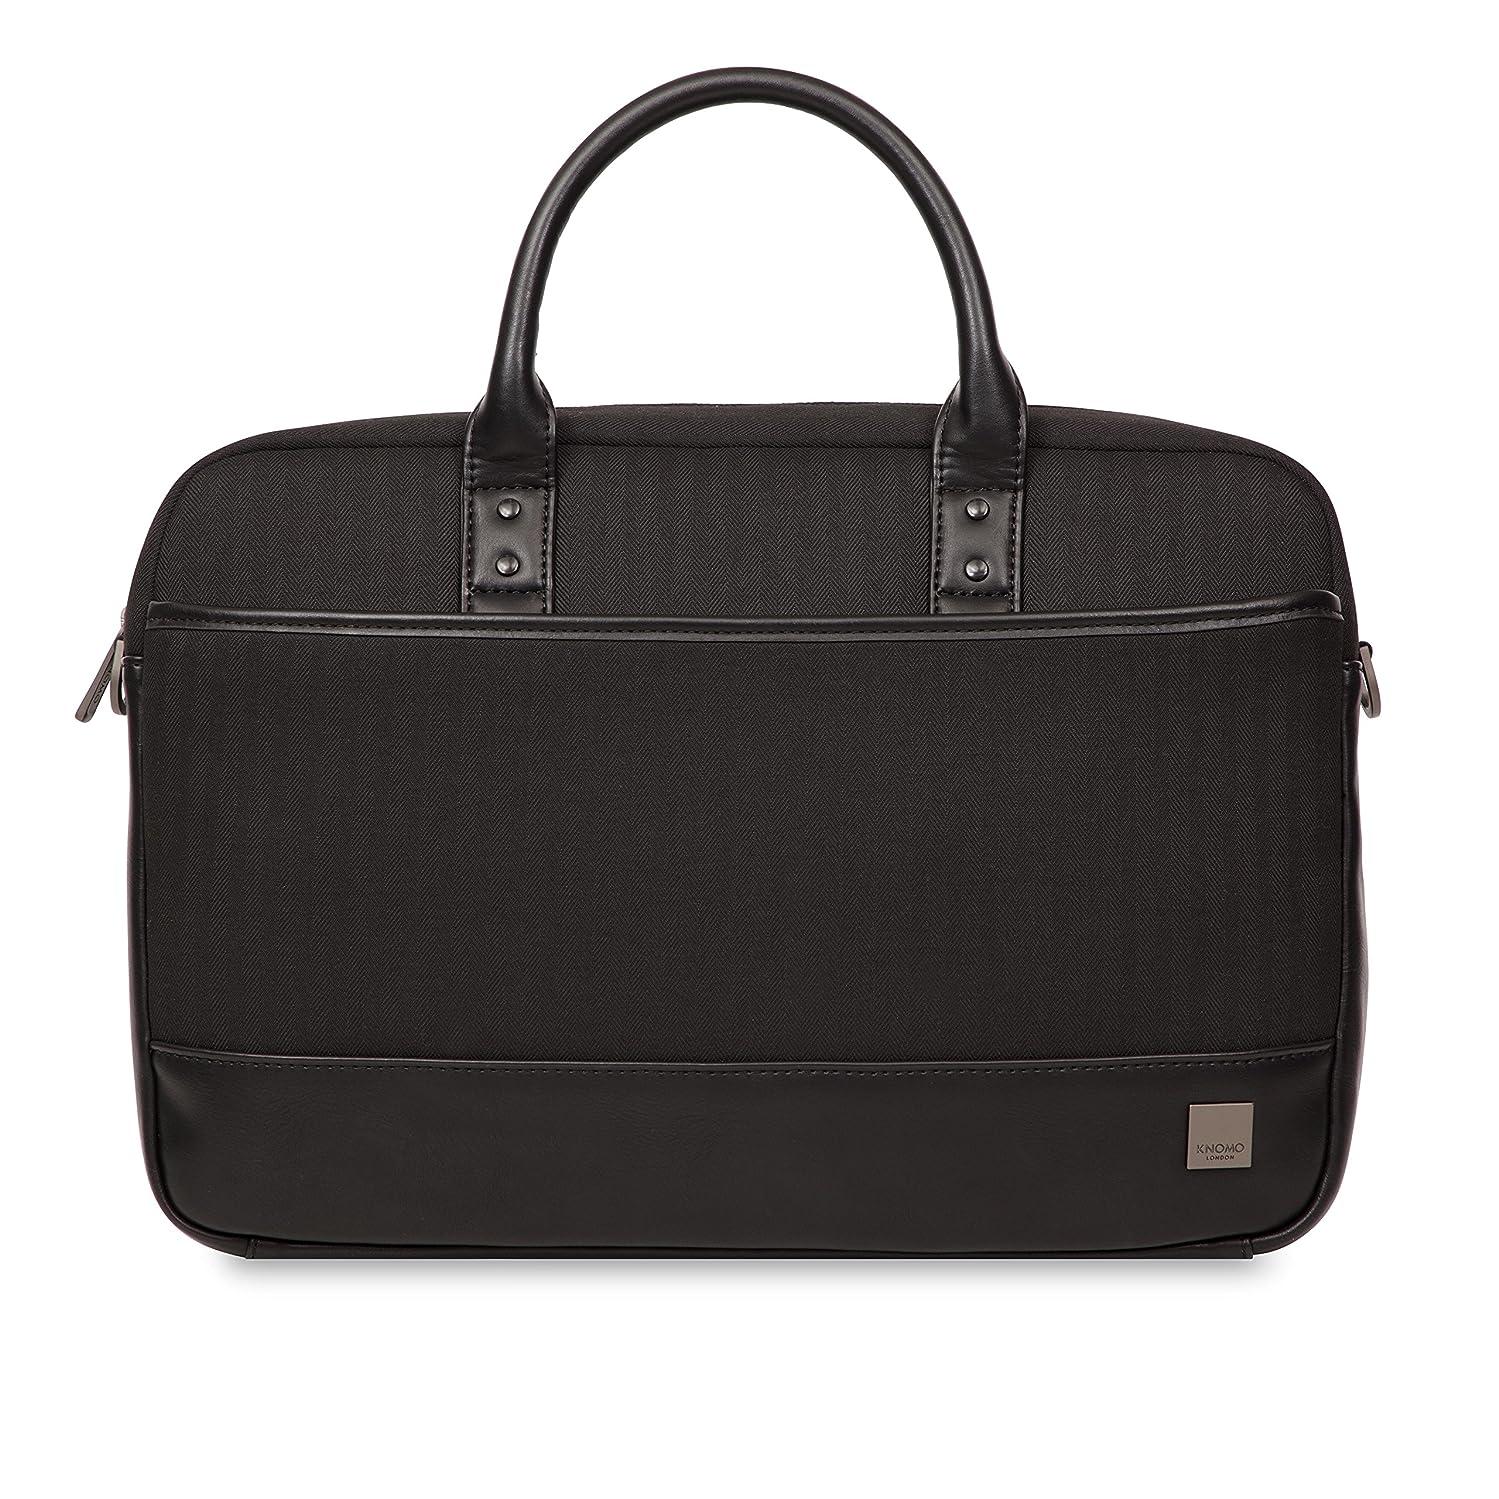 Knomo Luggage Princeton 15.6